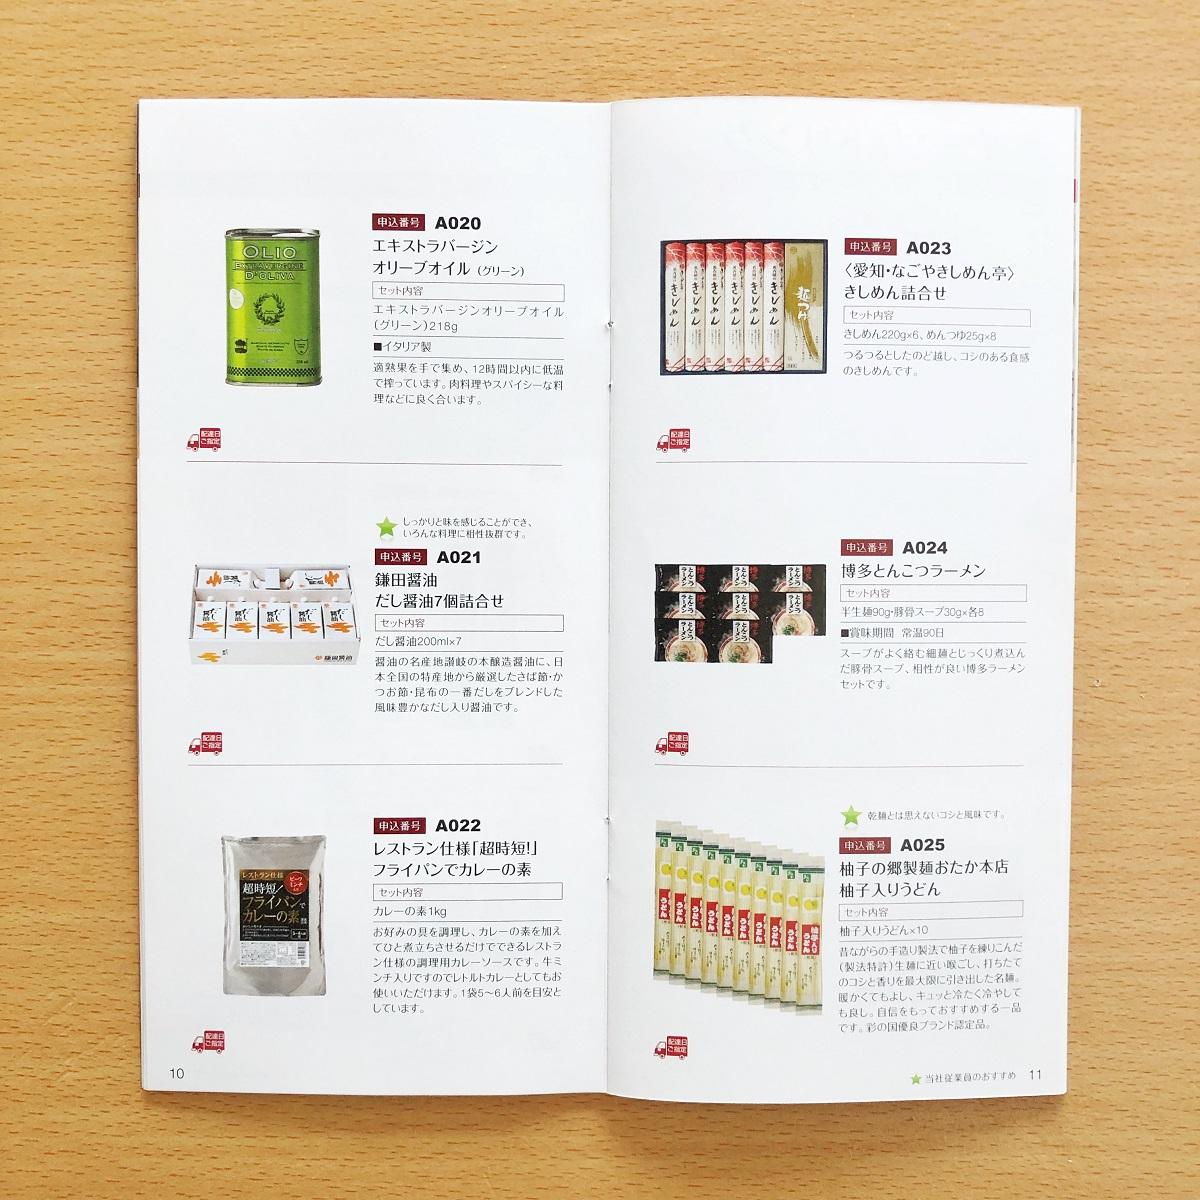 日本管財カタログ⑤ 株主優待 2019年9月 2,000円